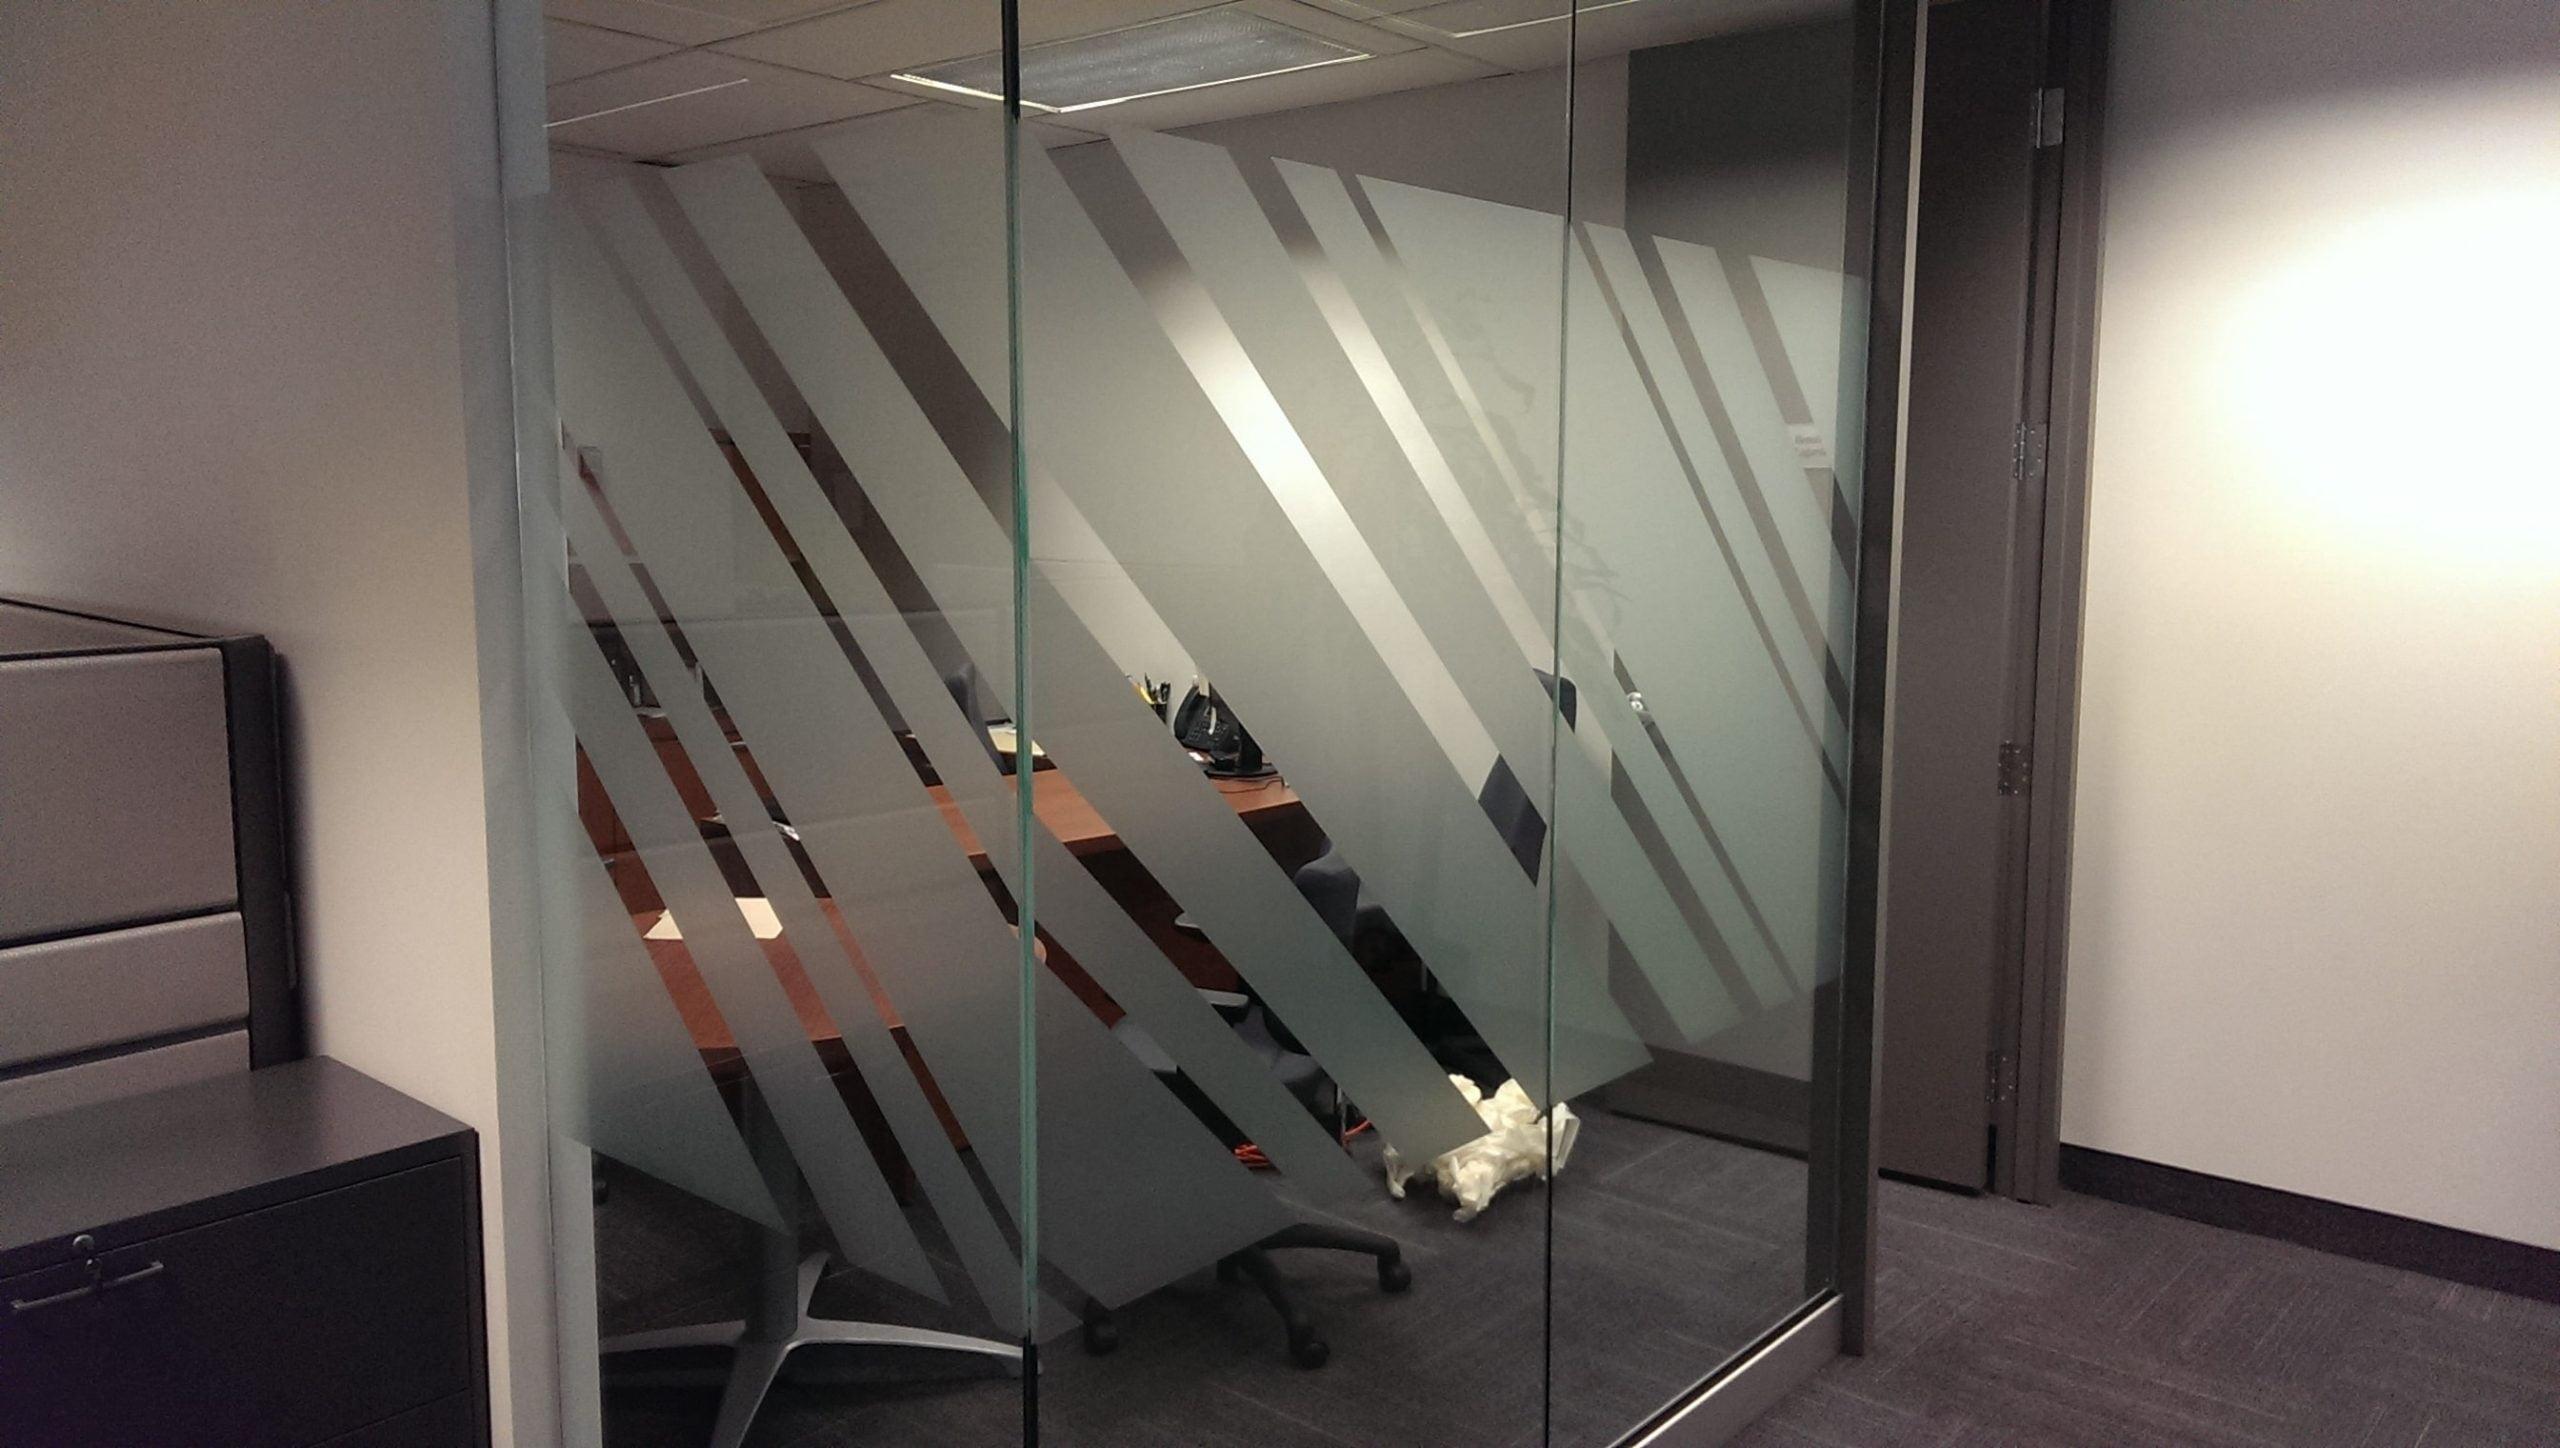 Bande diagonale pour rehausser le design d'un bureau